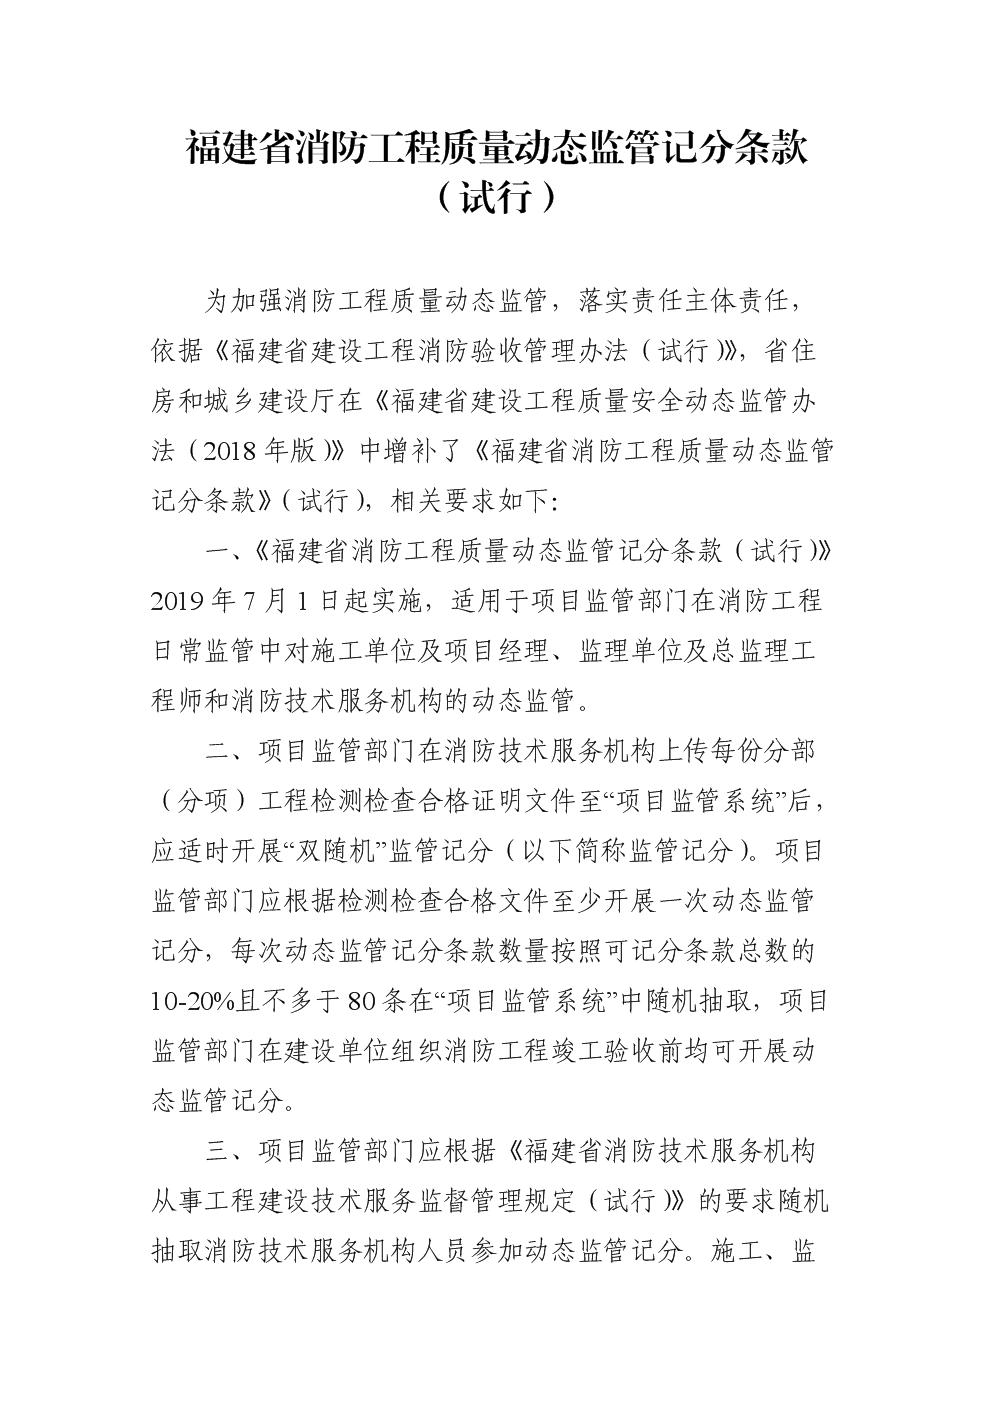 福建省消防工程质量动态监管记分条款(试行).docx